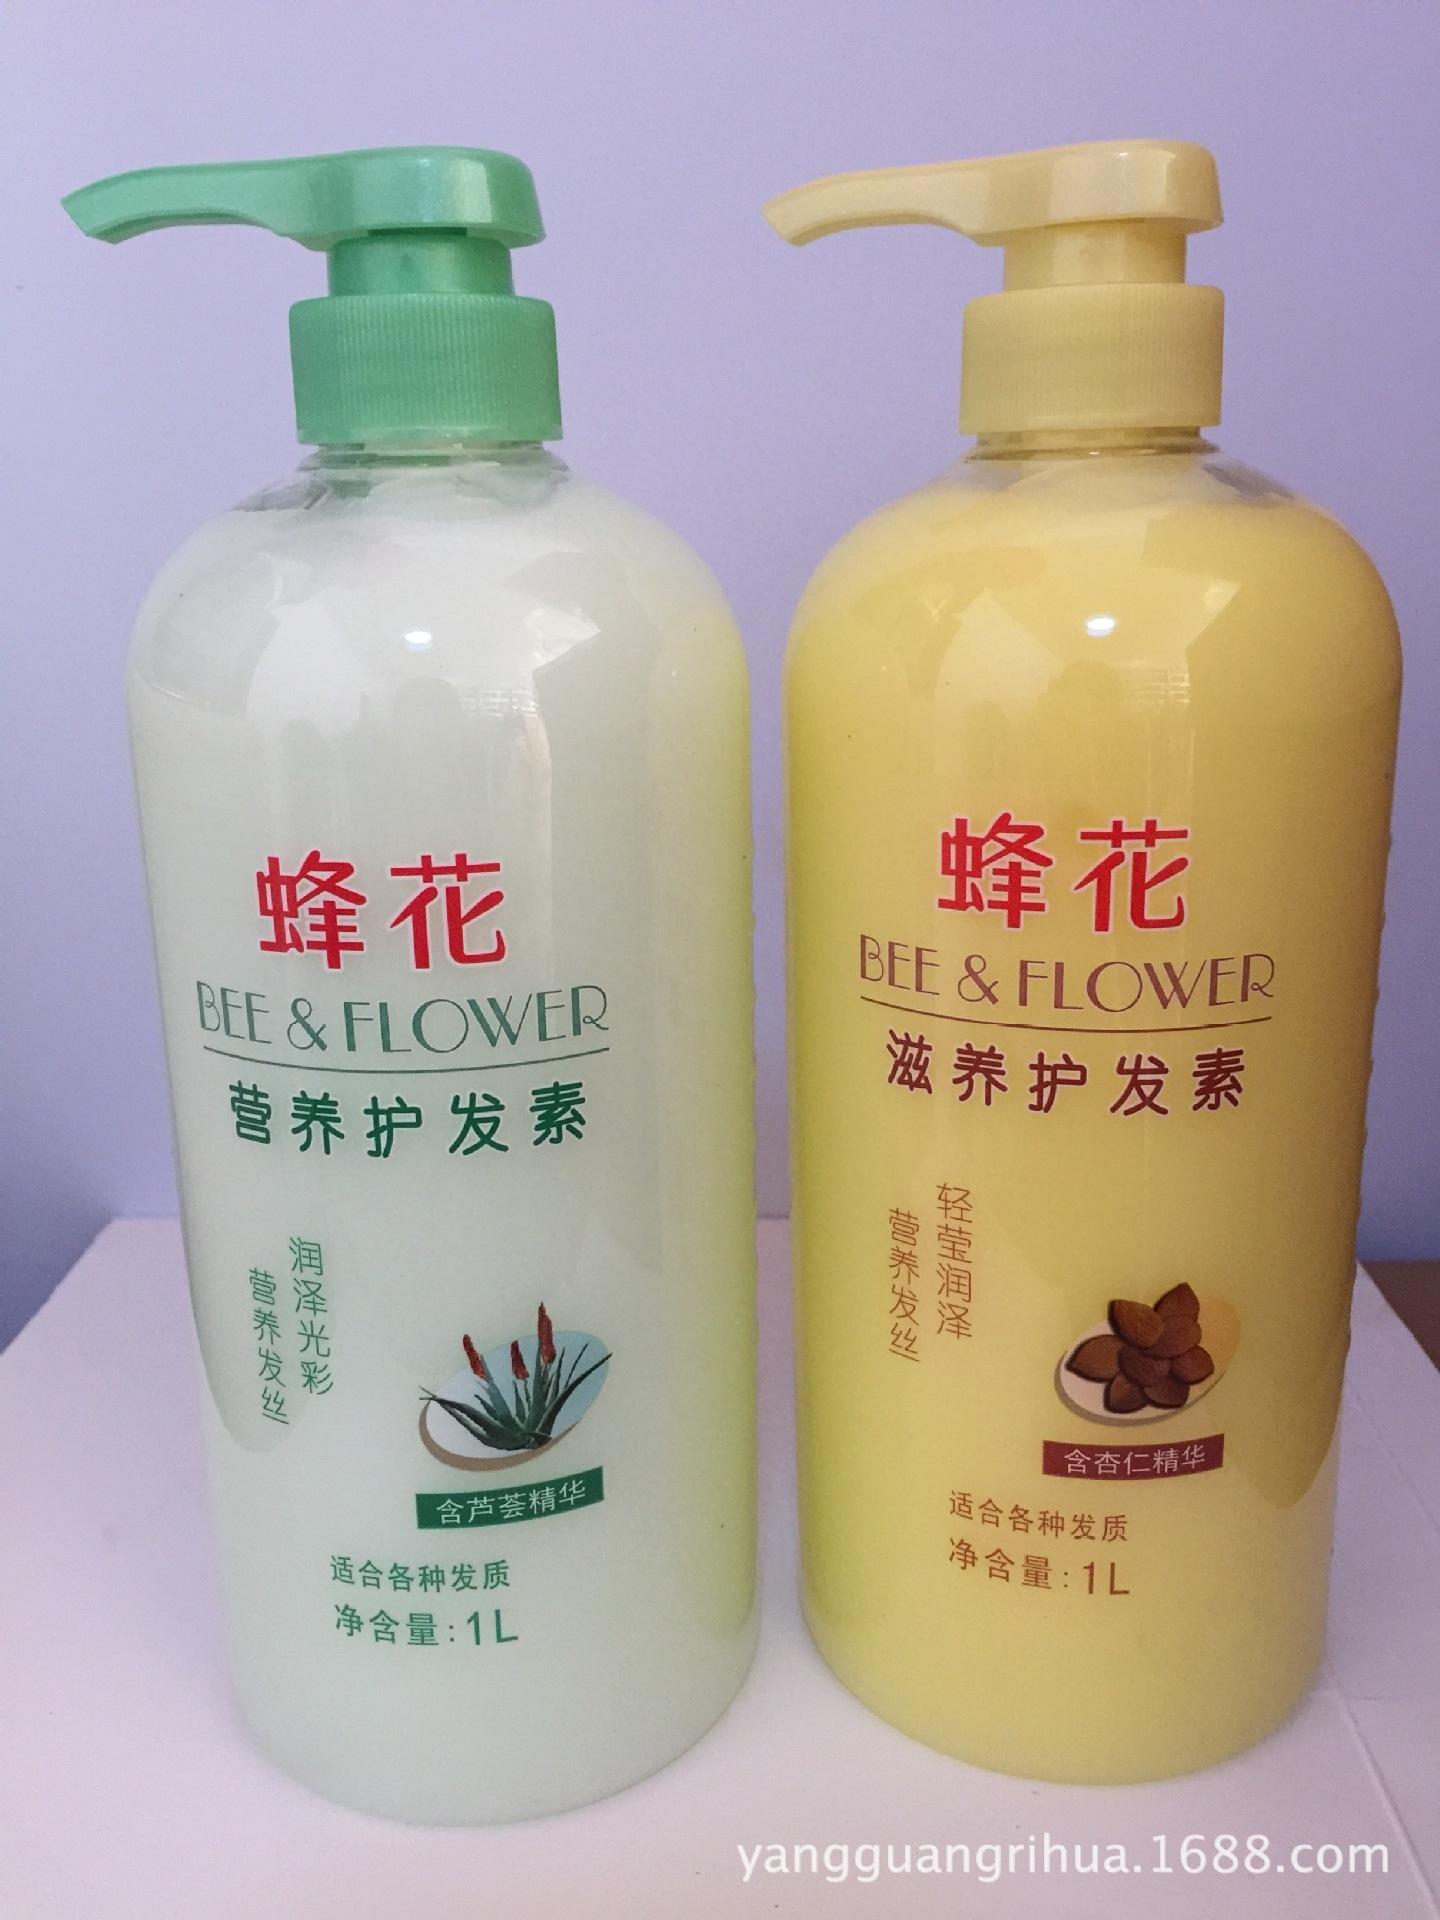 正品蜂花护发素1l营养/滋养护发素 含芦图片